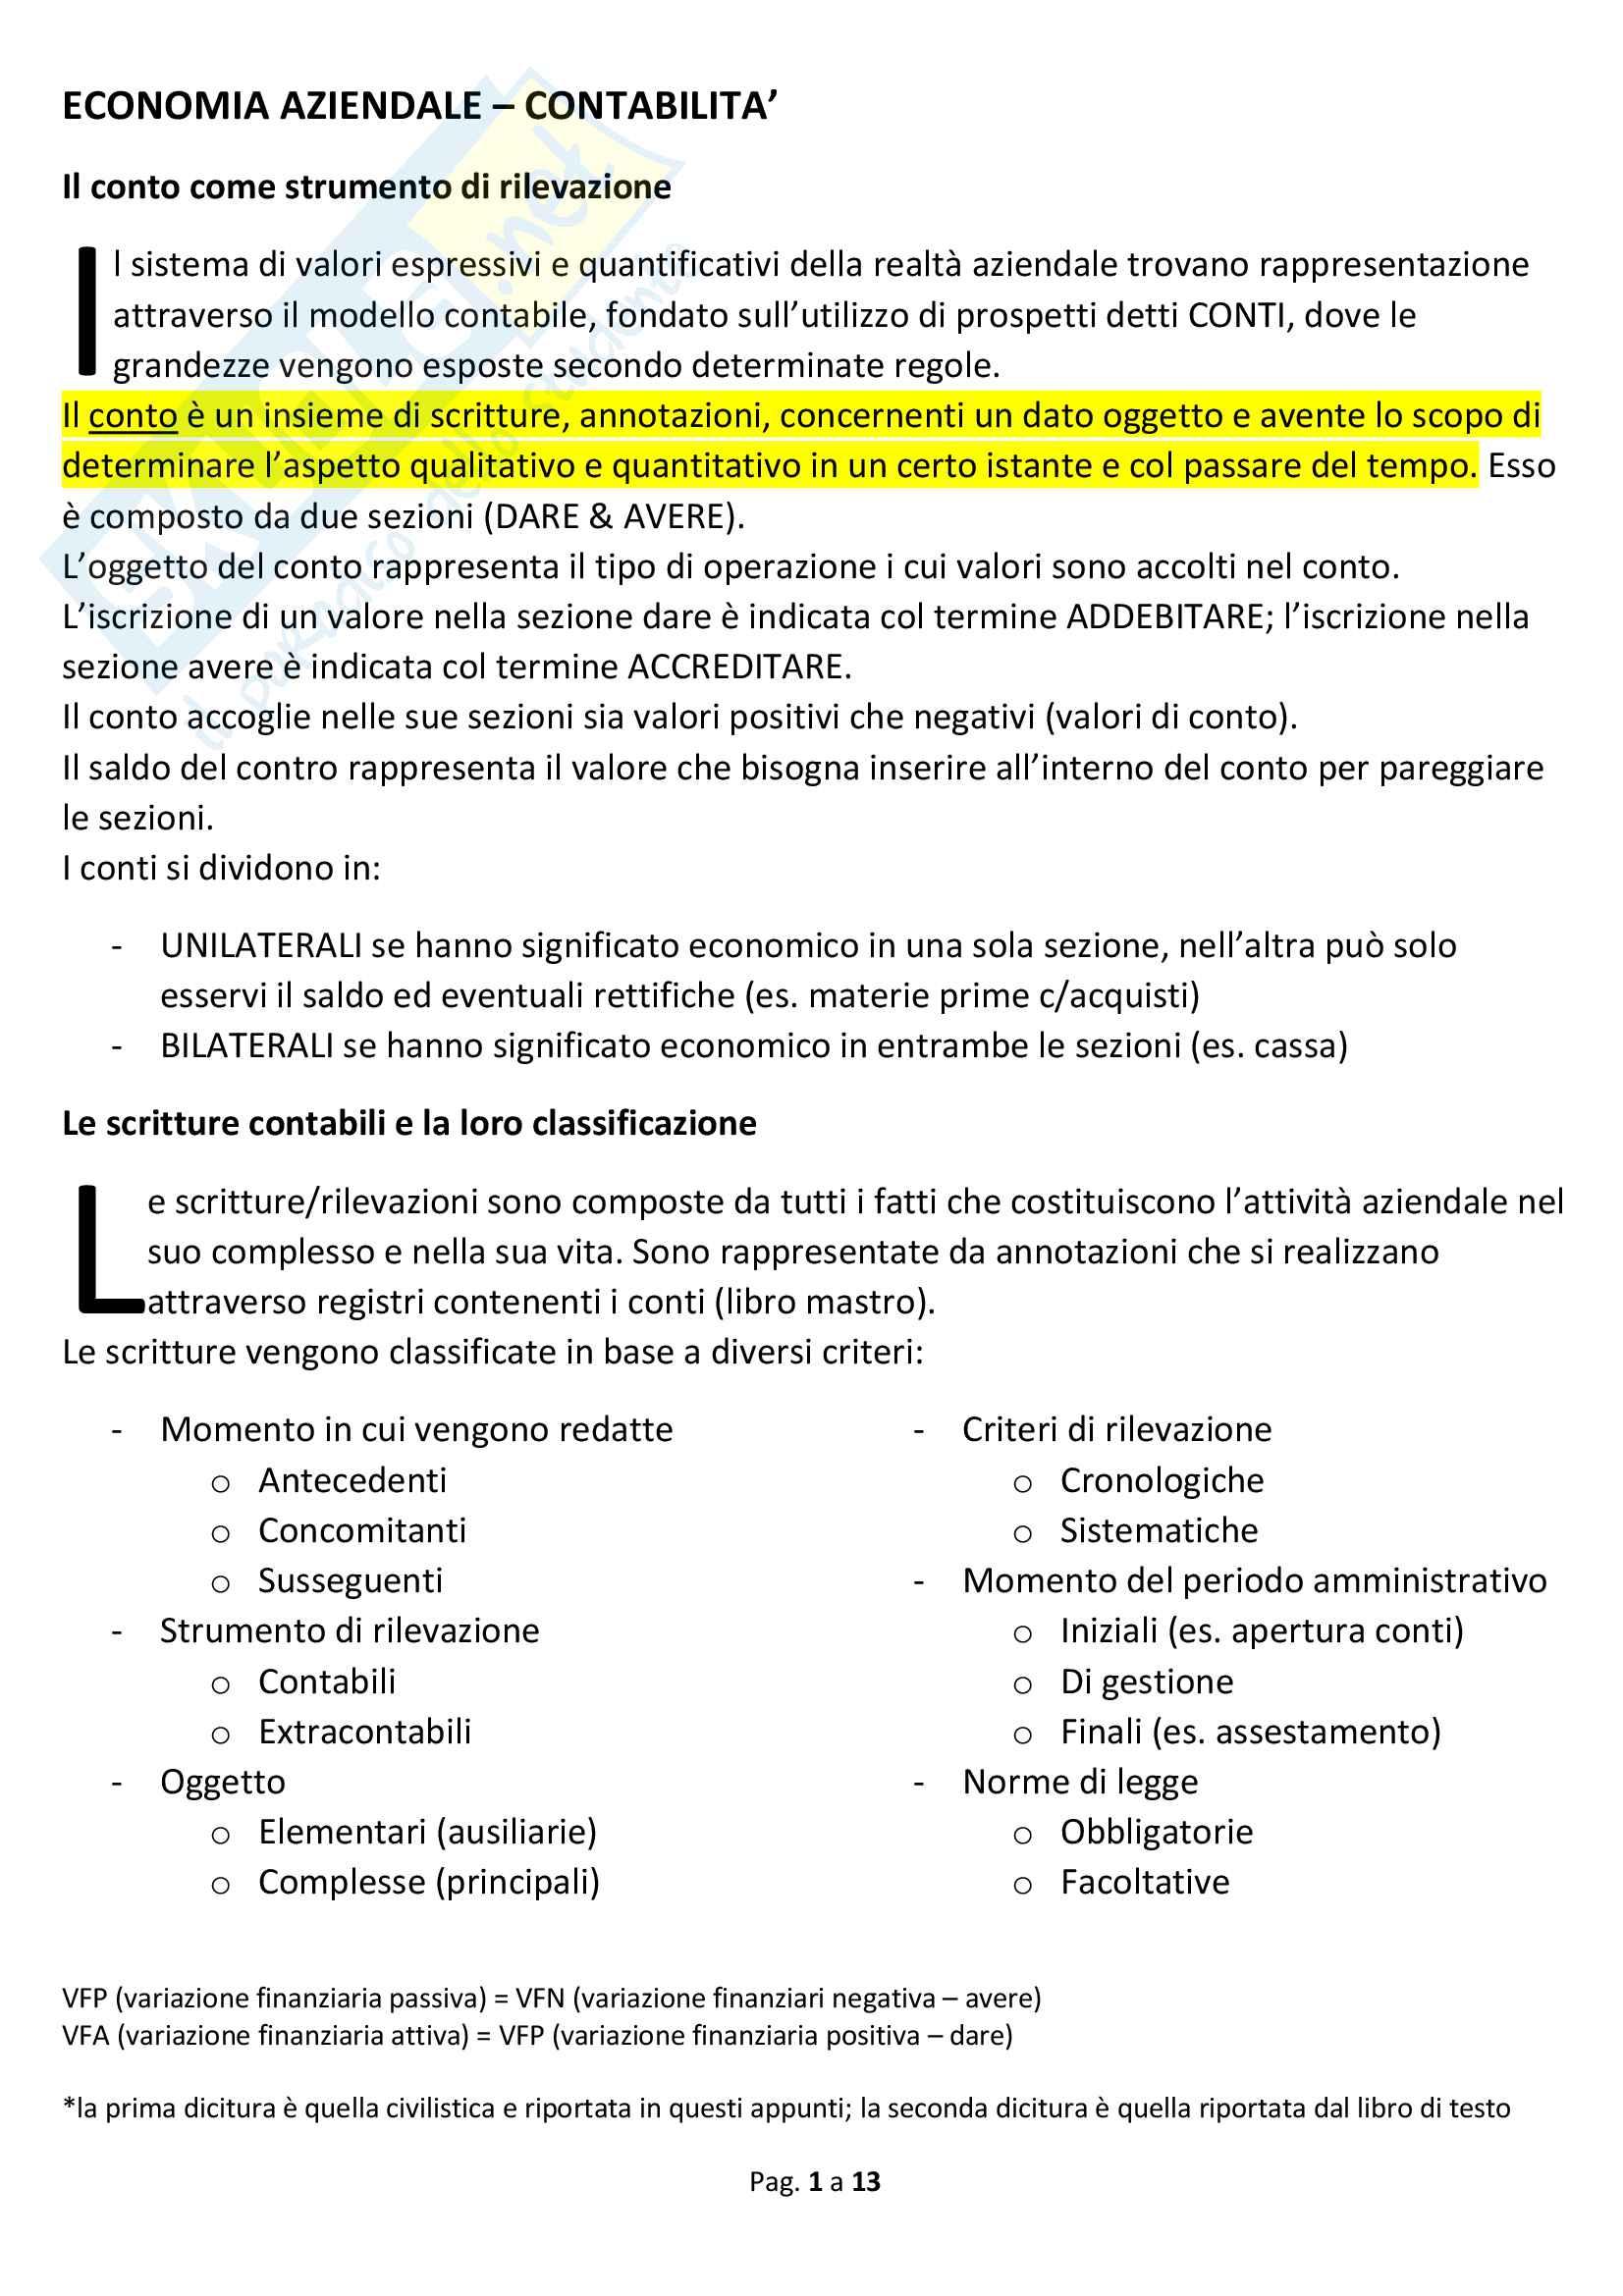 Appunti economia aziendale Contabilità (PD)